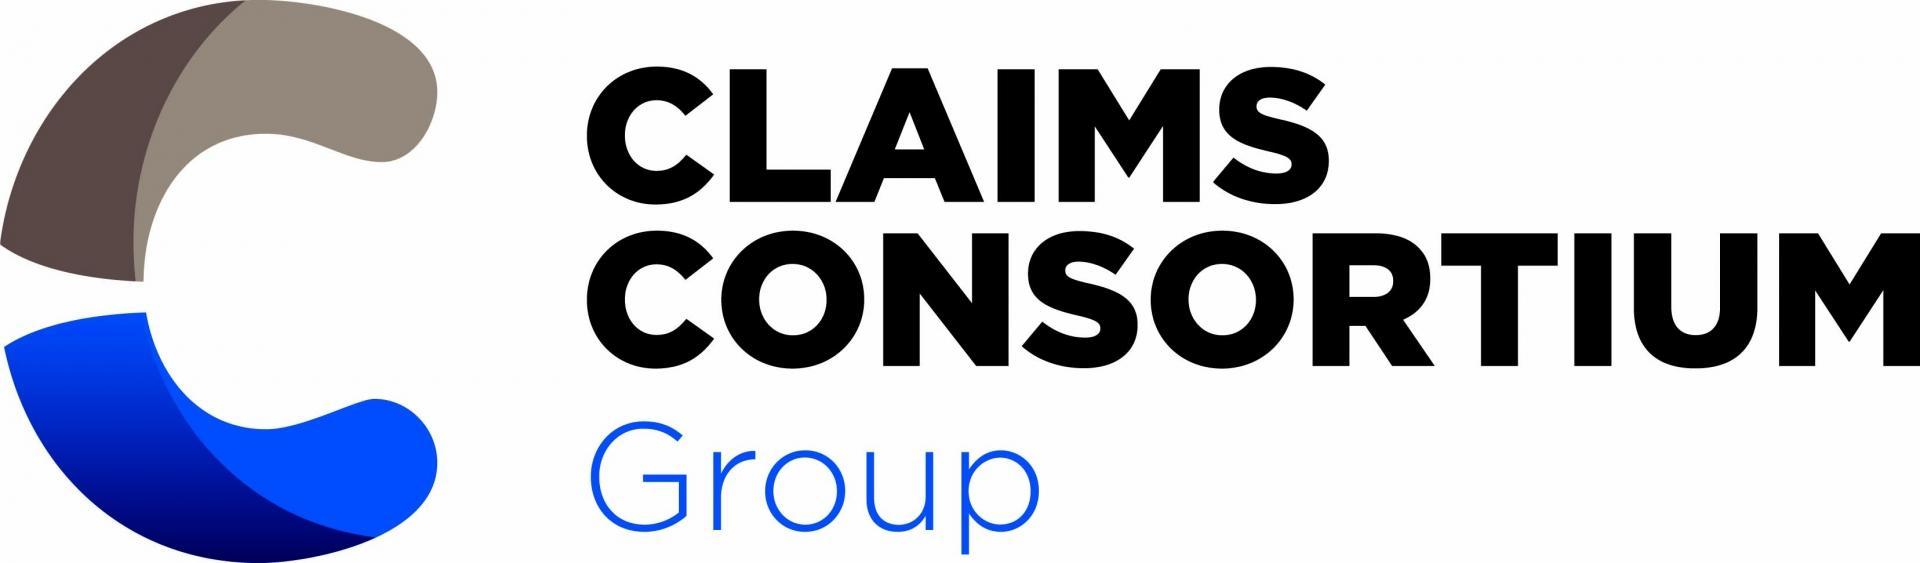 Claims Consortium Logo